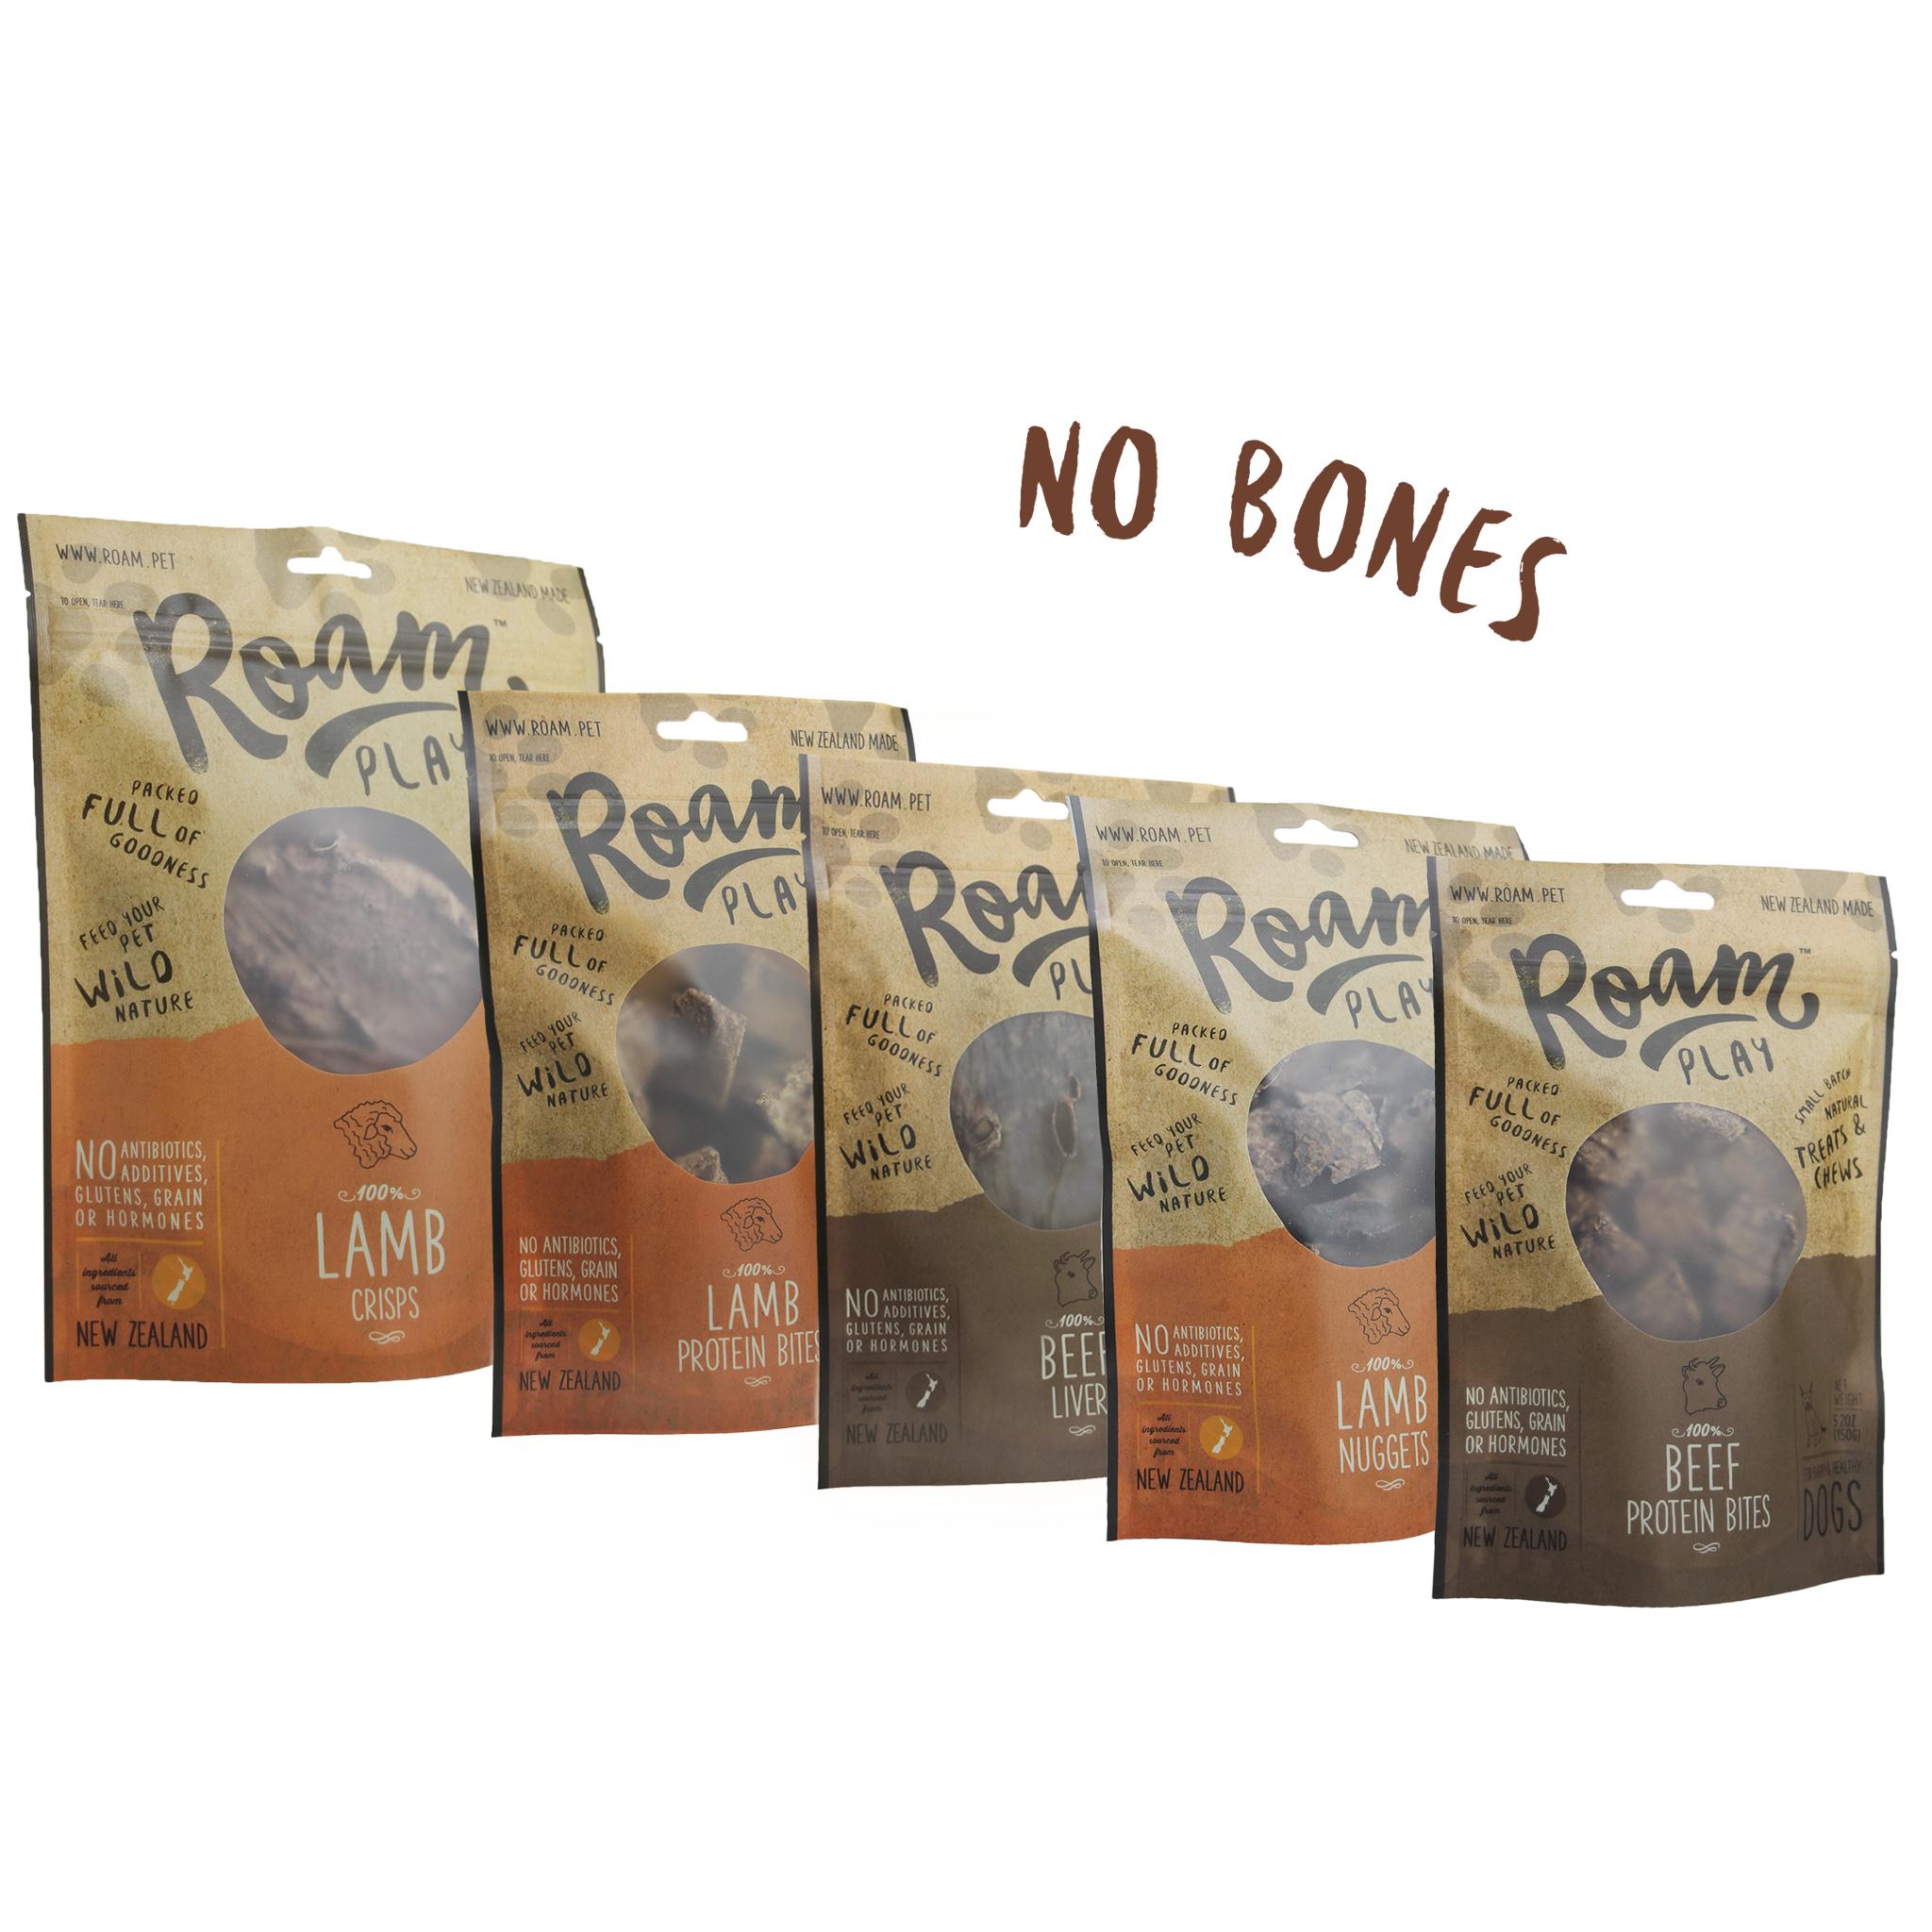 Roam Dog Treats